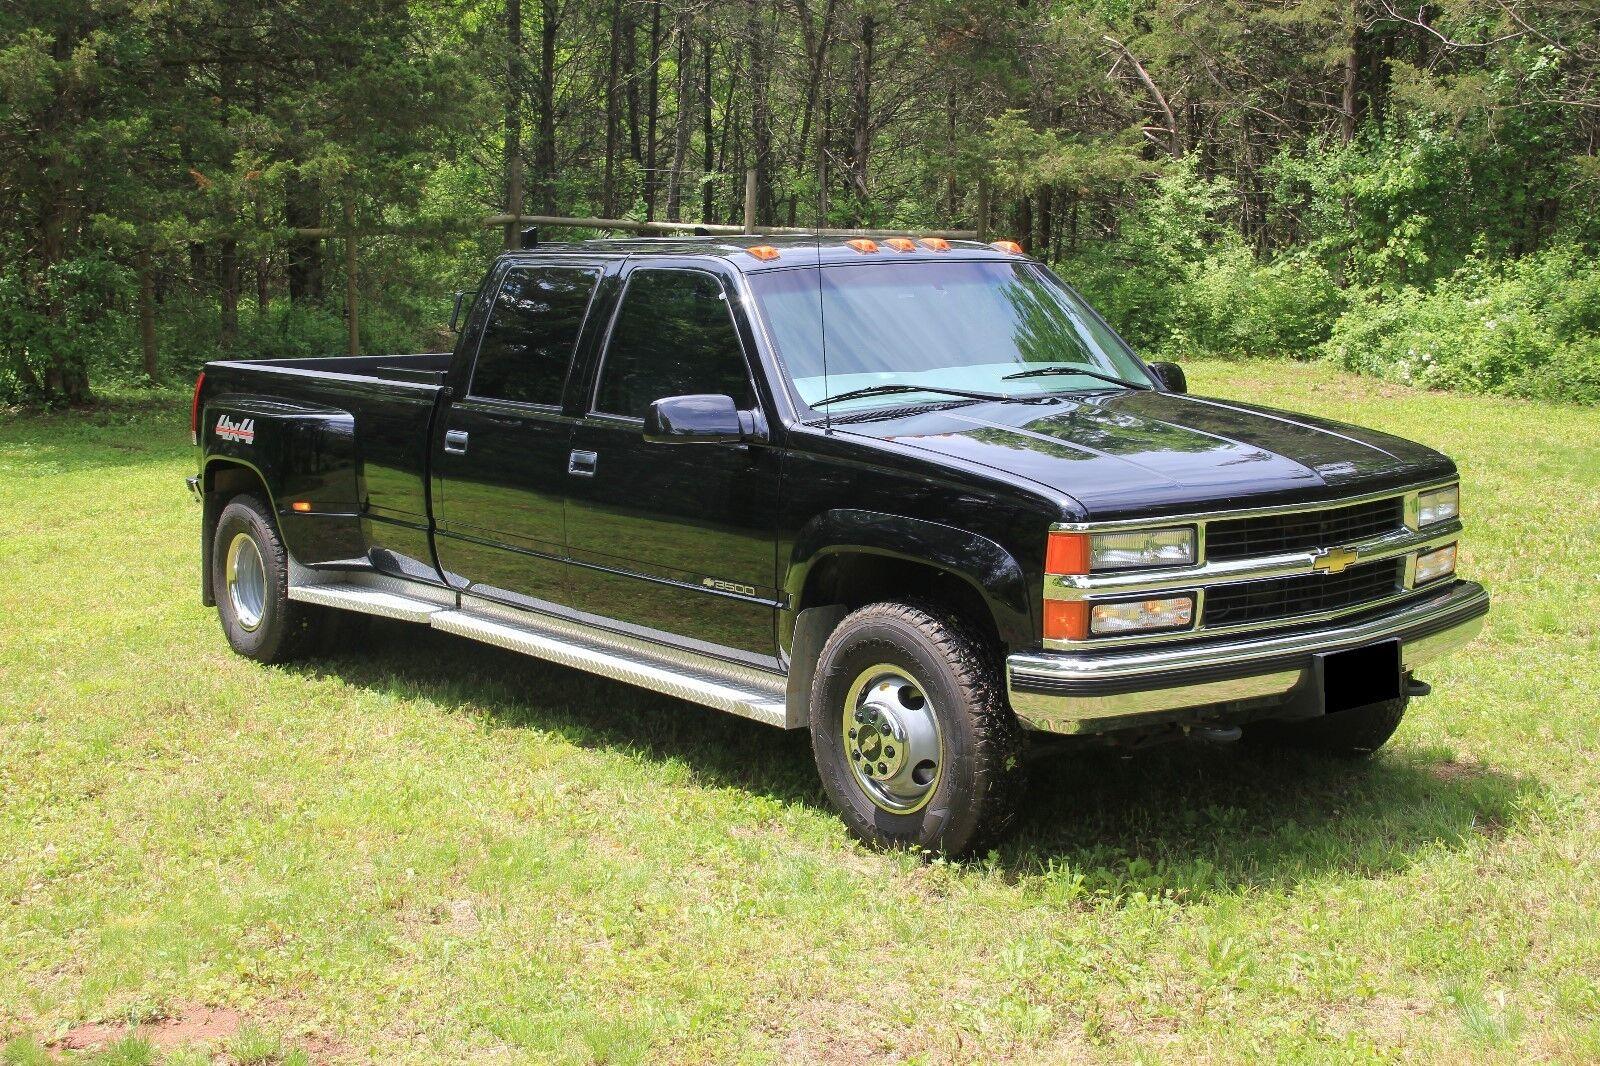 1999 chevy silverado k3500 ls crew cab used chevrolet silverado 3500 for sale in. Black Bedroom Furniture Sets. Home Design Ideas